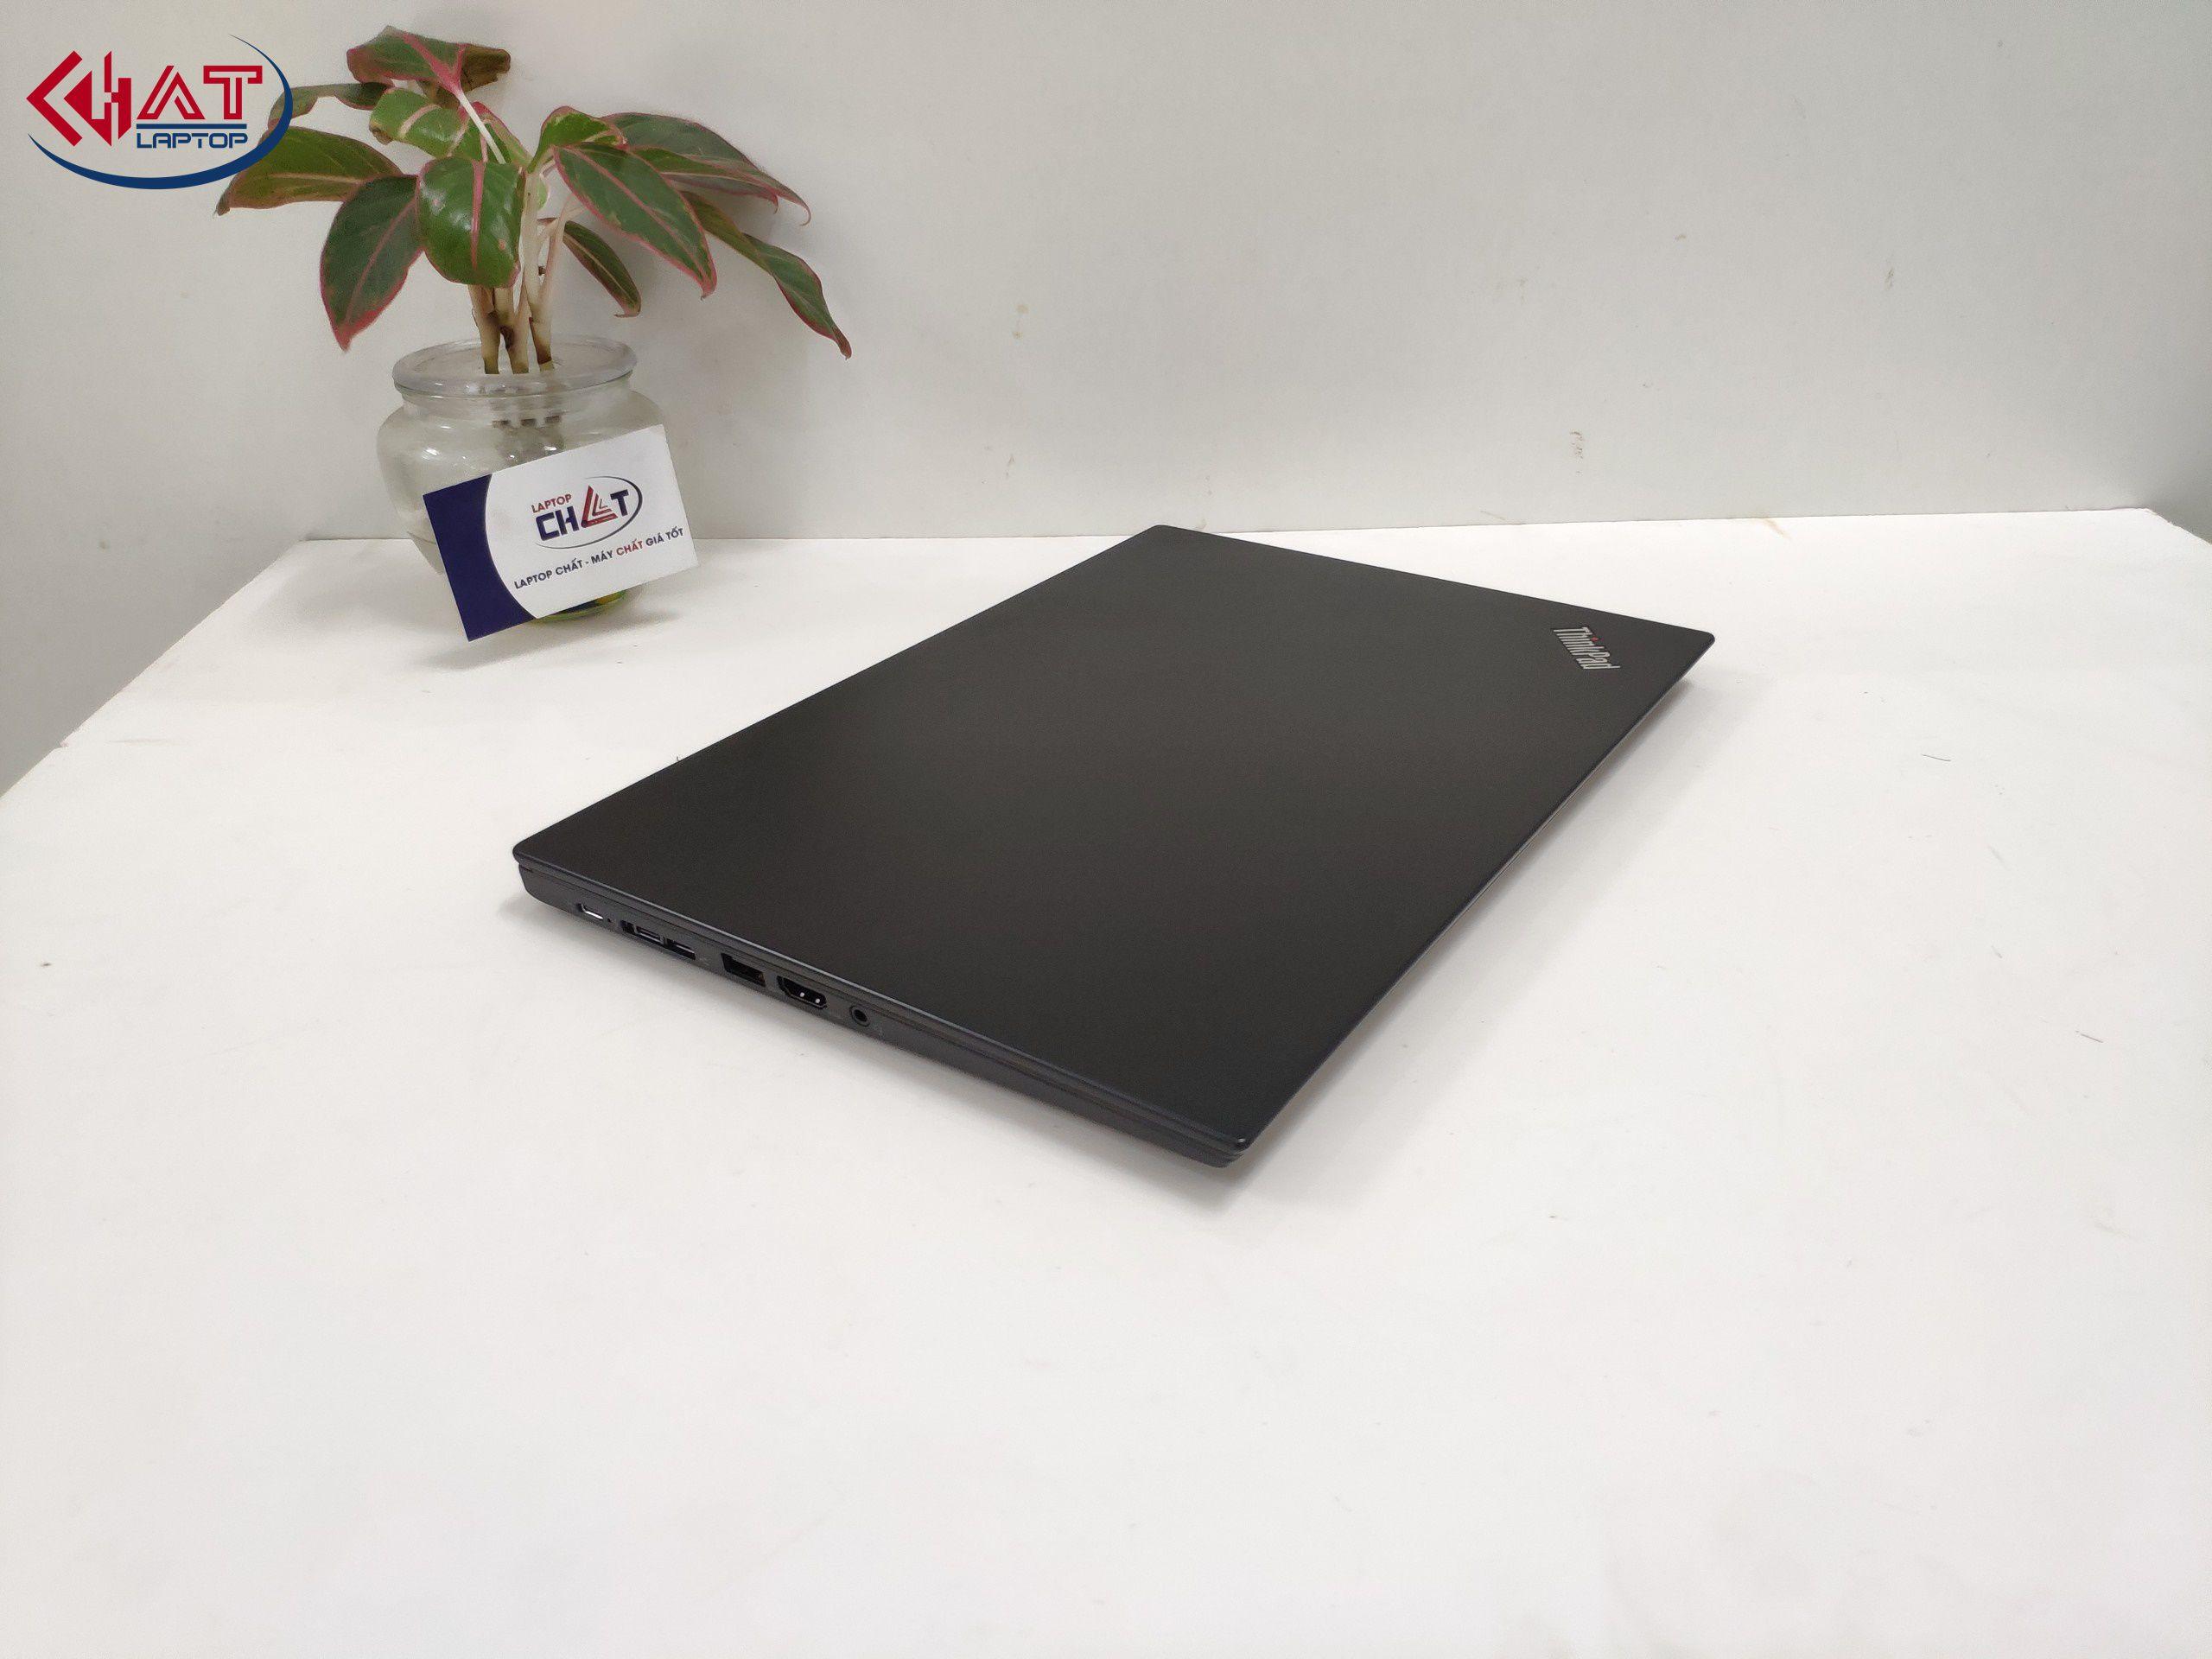 Lenovo ThinkPad T490s i7